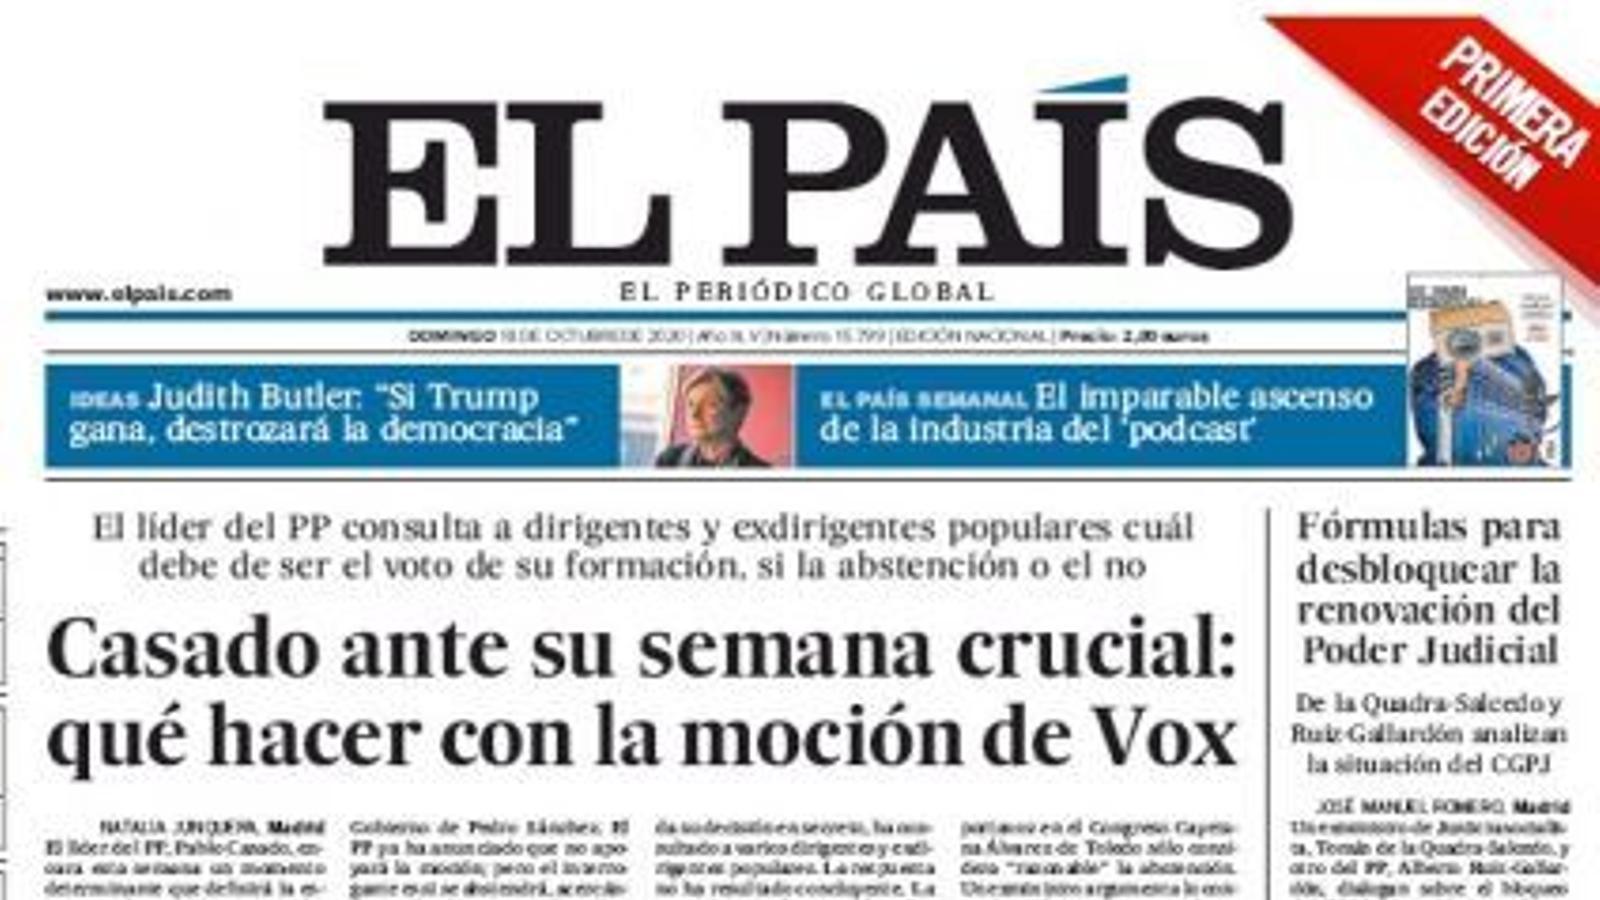 18/10 El País